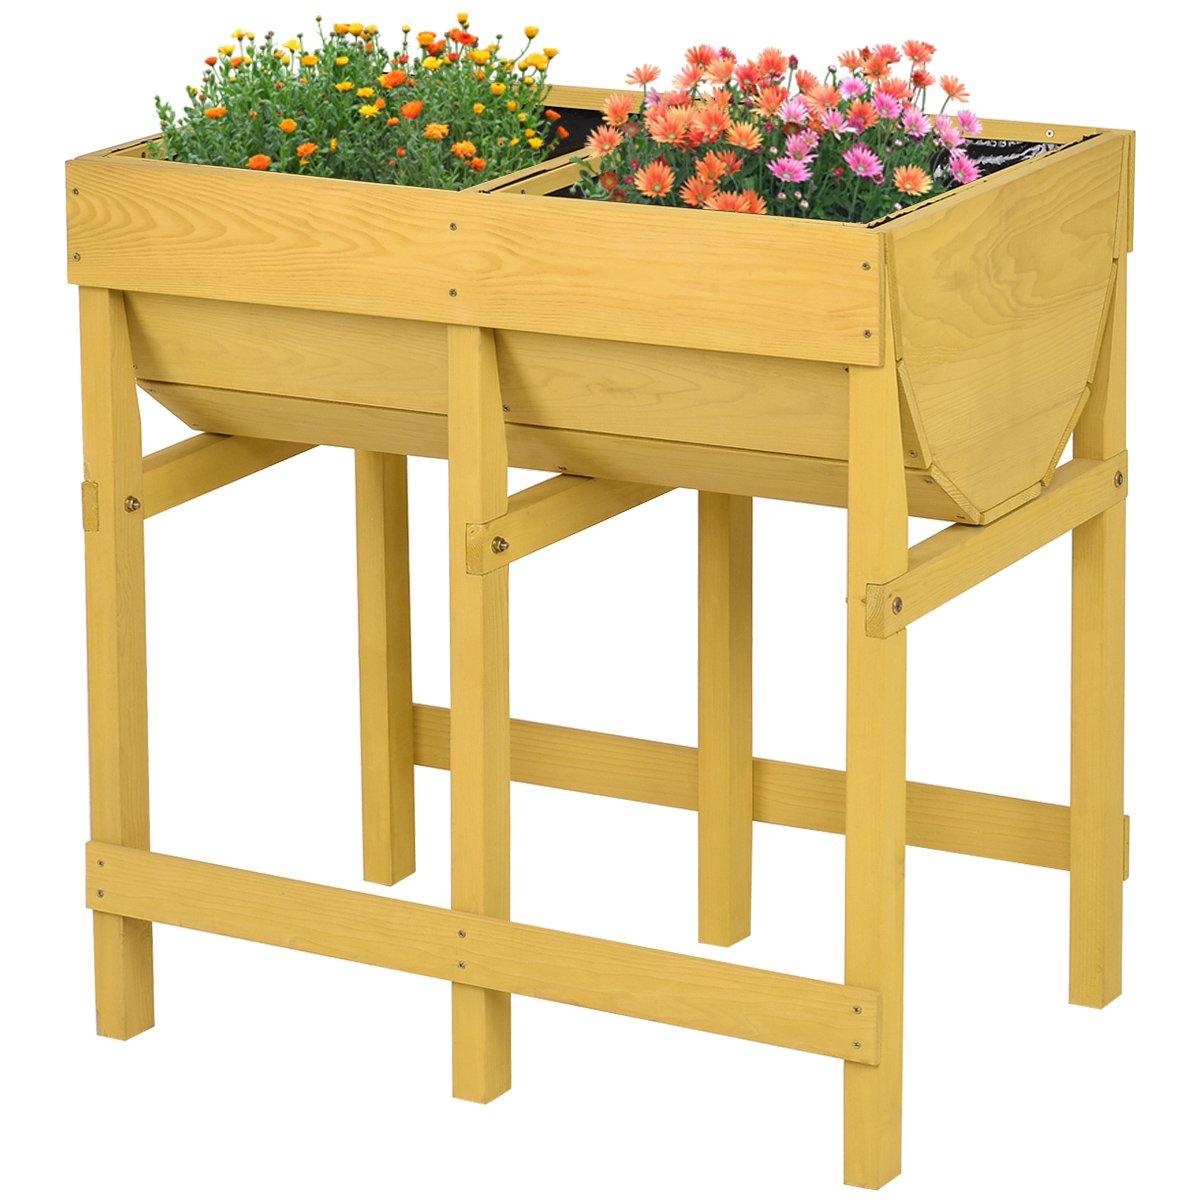 COSTWAY Hochbeet Holz Blumenkasten Garten Pflanzkasten Blumenbeet Blumentrog mit 2 Fächern